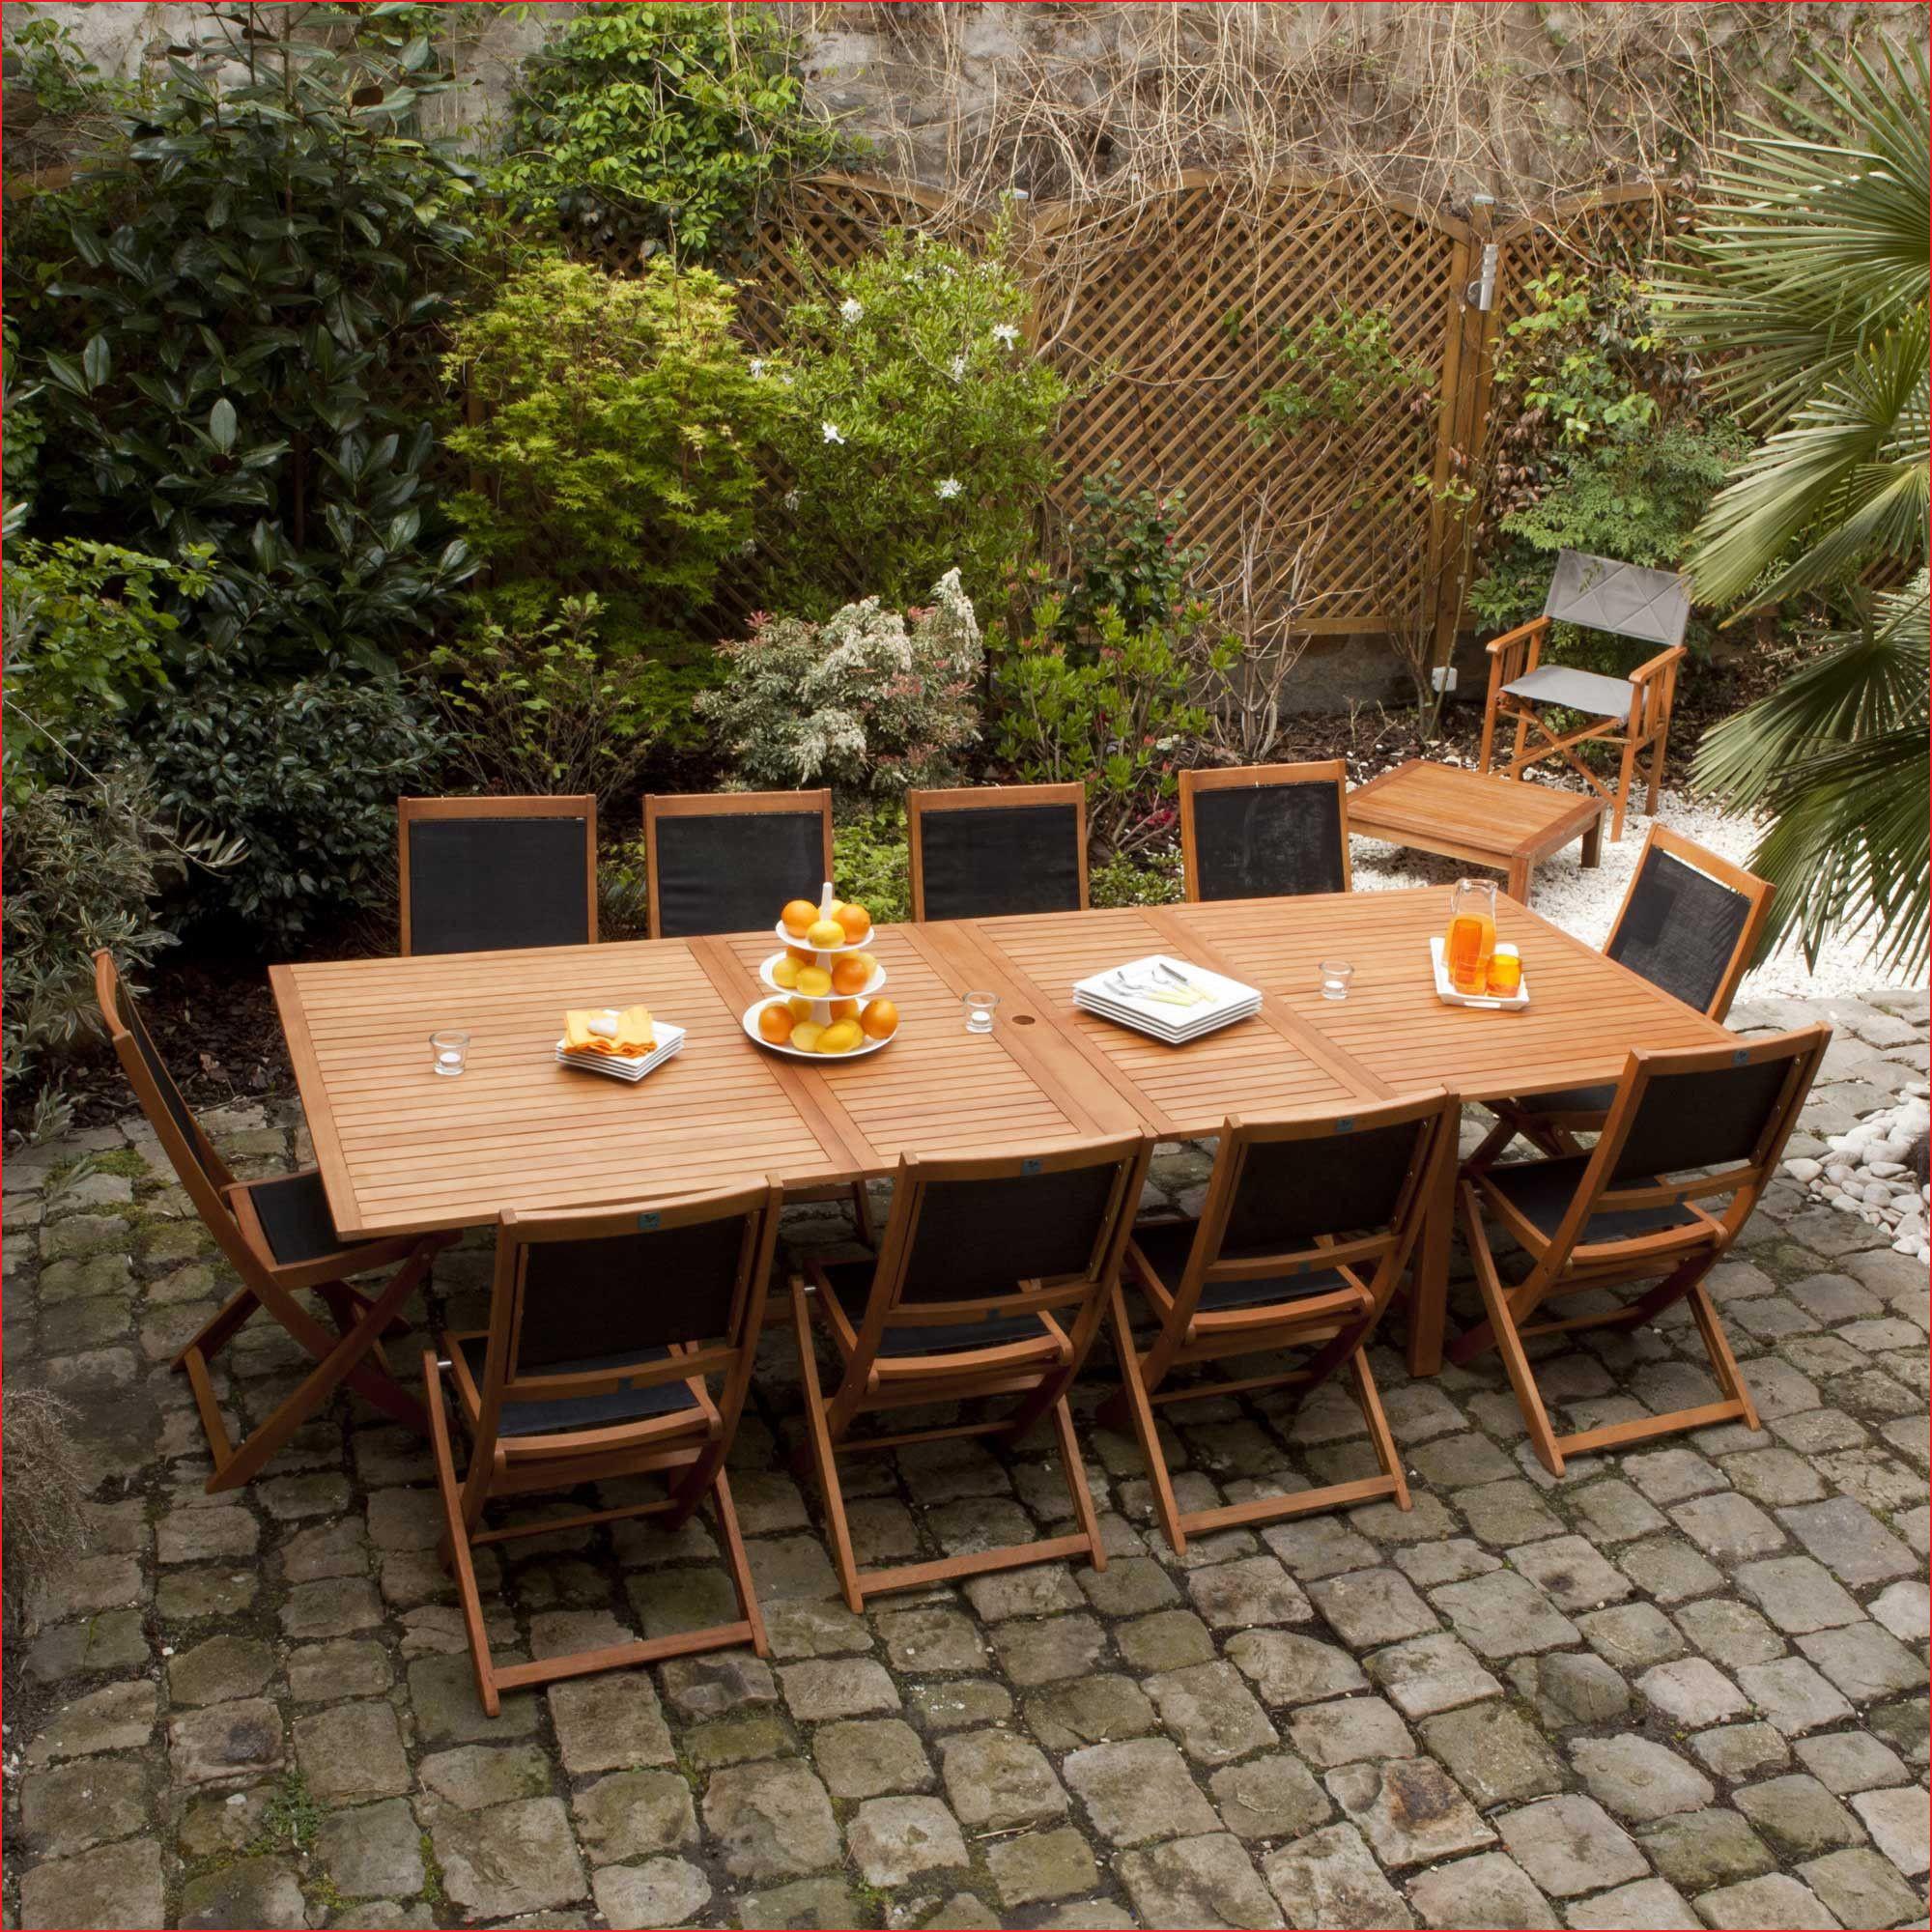 salon de jardin teck solde mobilier de jardin teck soldes avec sove table bois exotique of salon de jardin teck solde